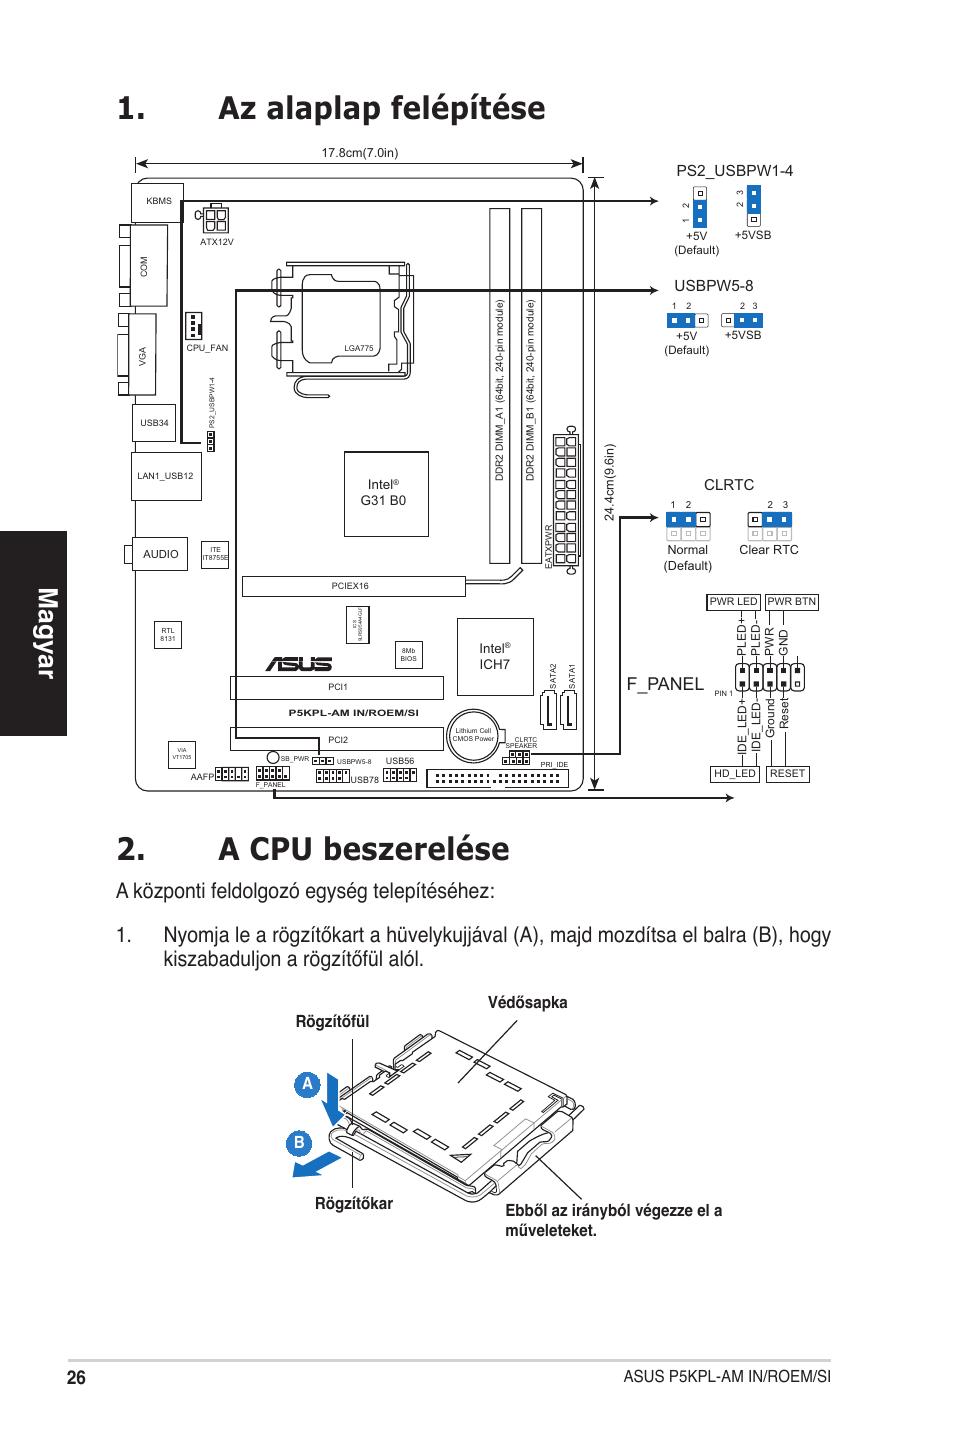 Az alaplap felépítése 2. a cpu beszerelése, Magyar, F